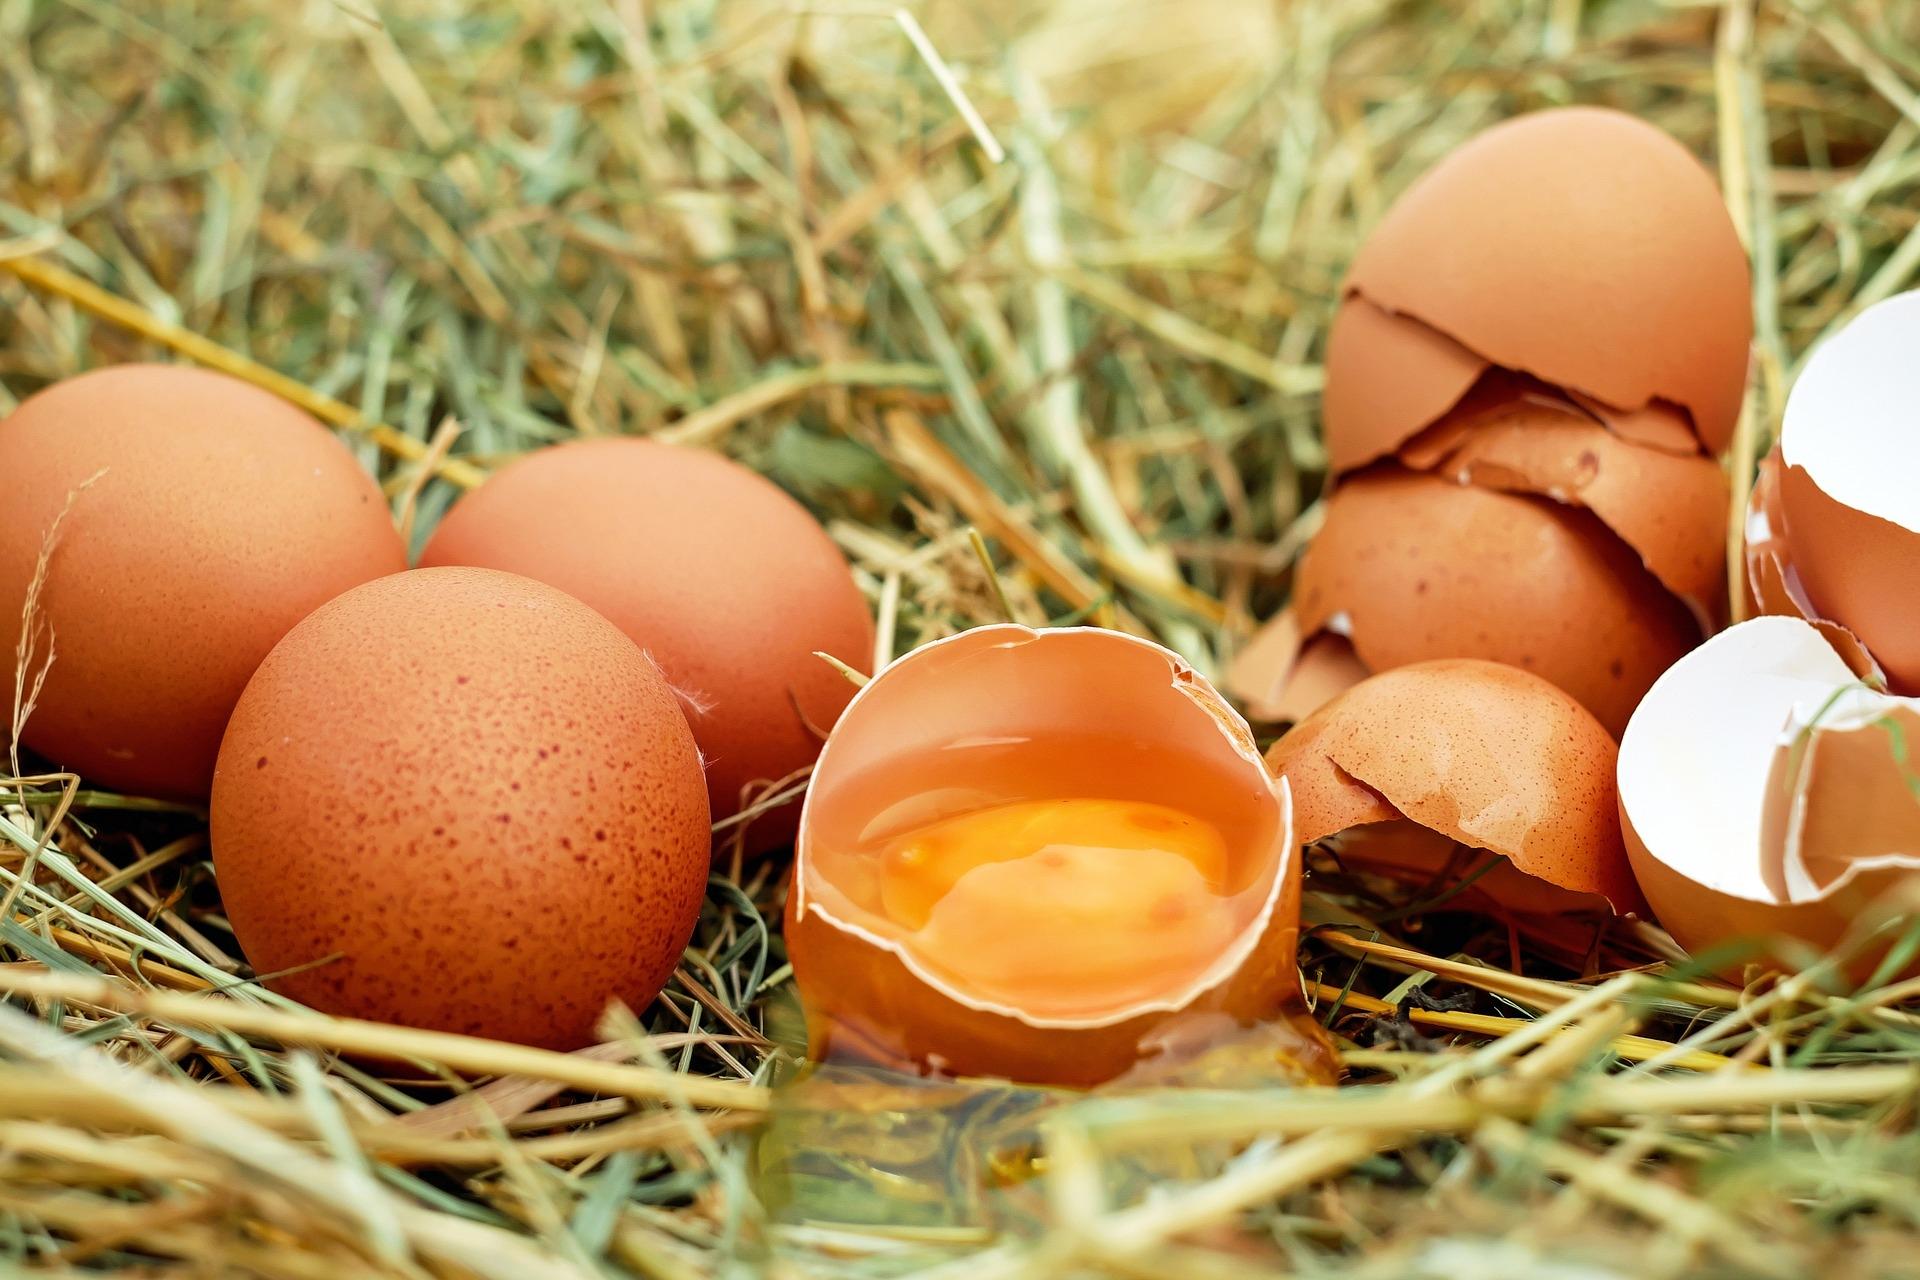 Especialistas Erradican Mitos Sobre el Consumo de Huevo